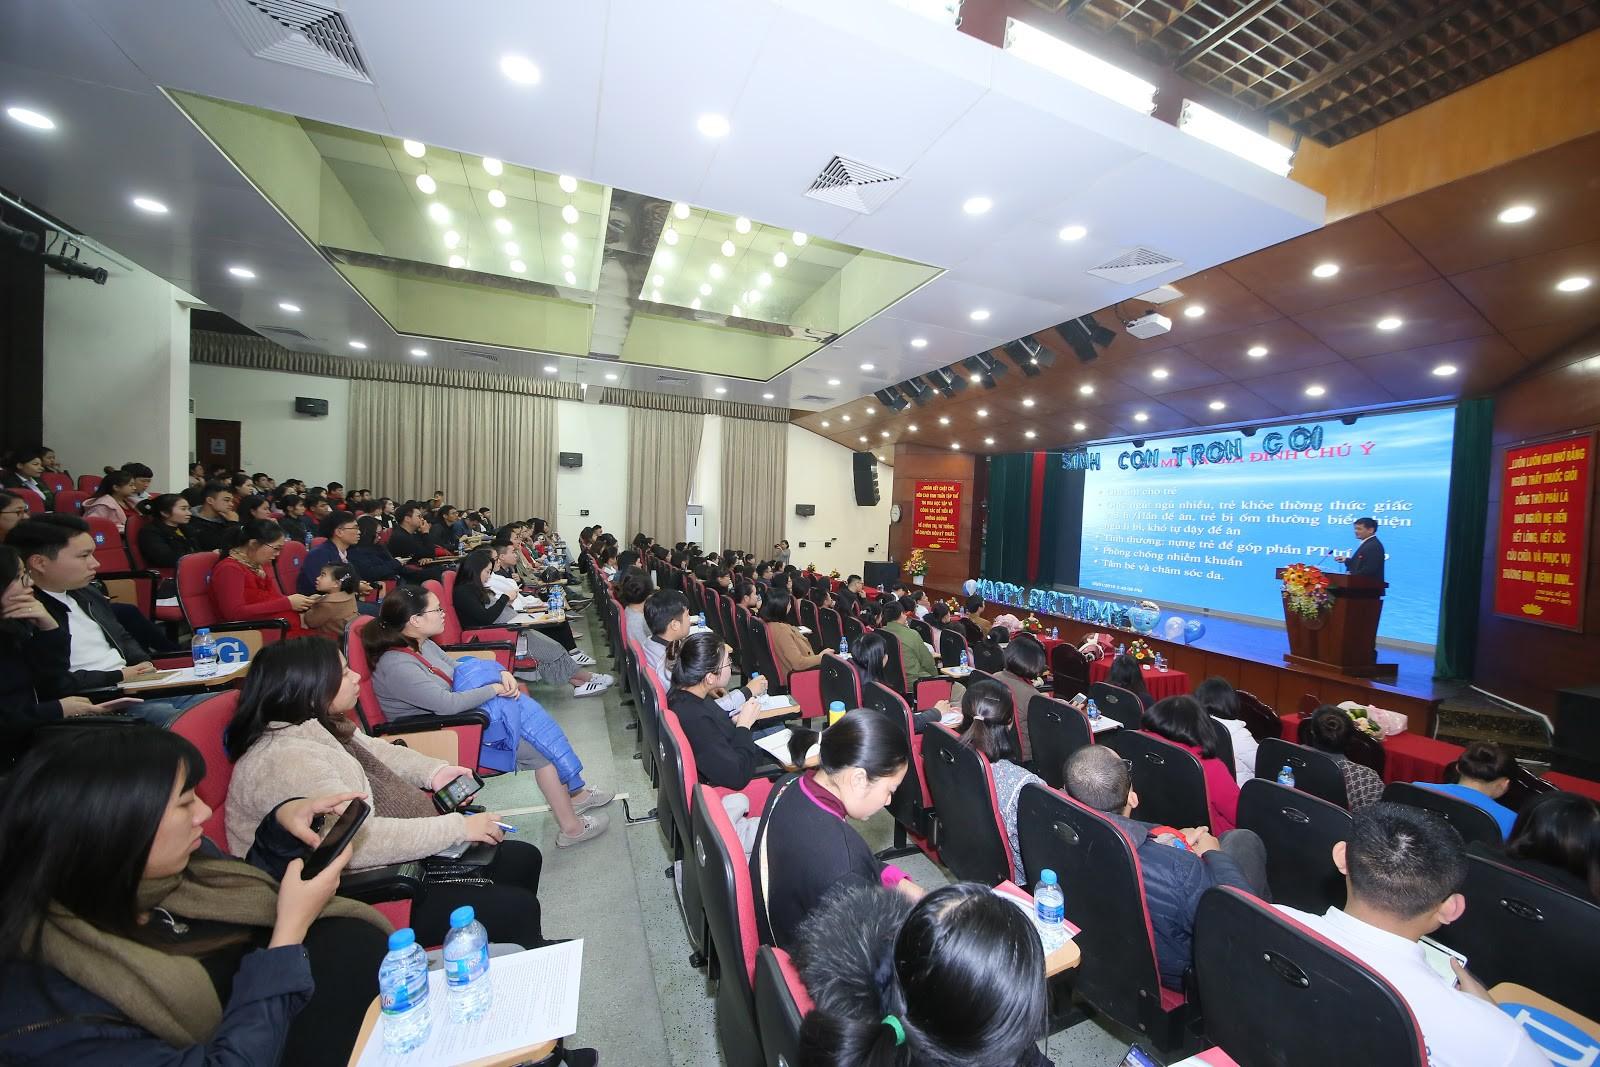 Latex giảm eo made in Việt Nam được giới thiệu hoành tráng tại hội nghị Bệnh viện TƯQĐ 108 - Ảnh 1.